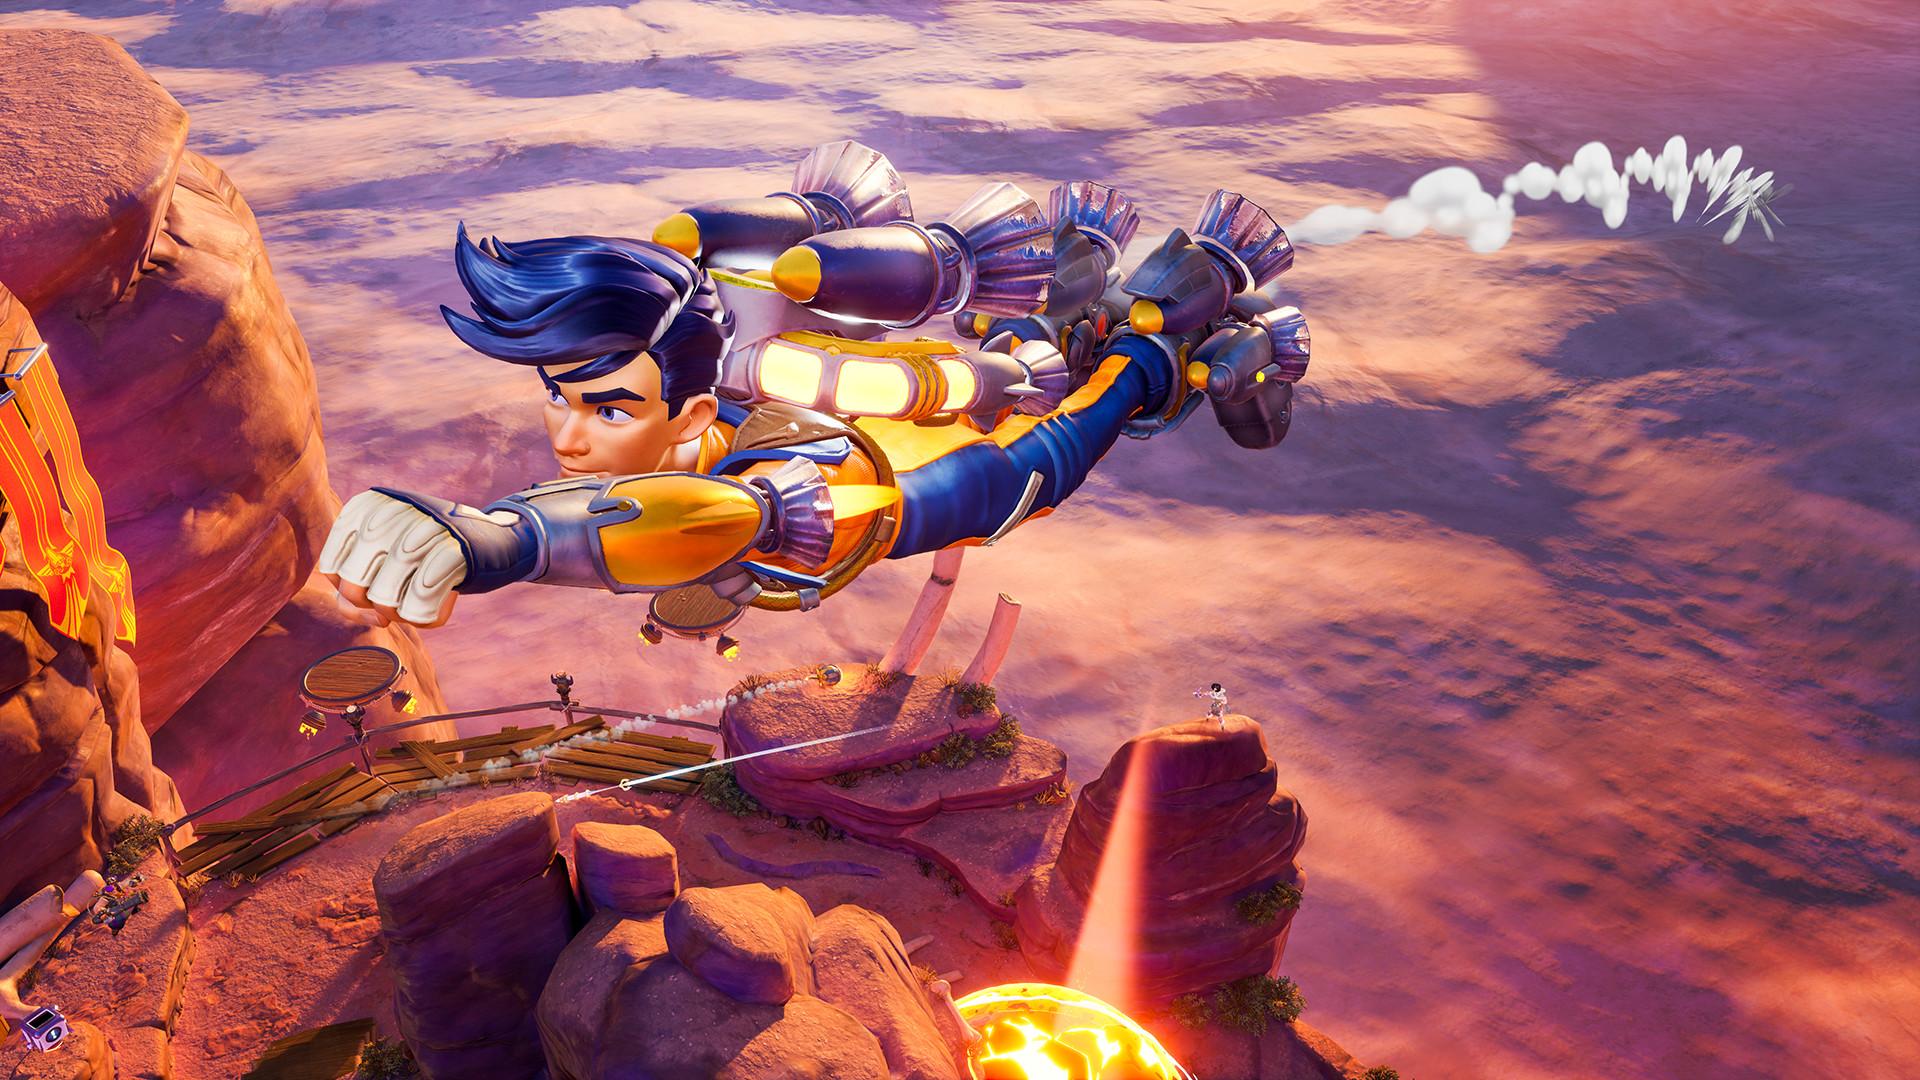 3V3射击游戏《火箭竞技场》开启免费试玩 8月3日截止